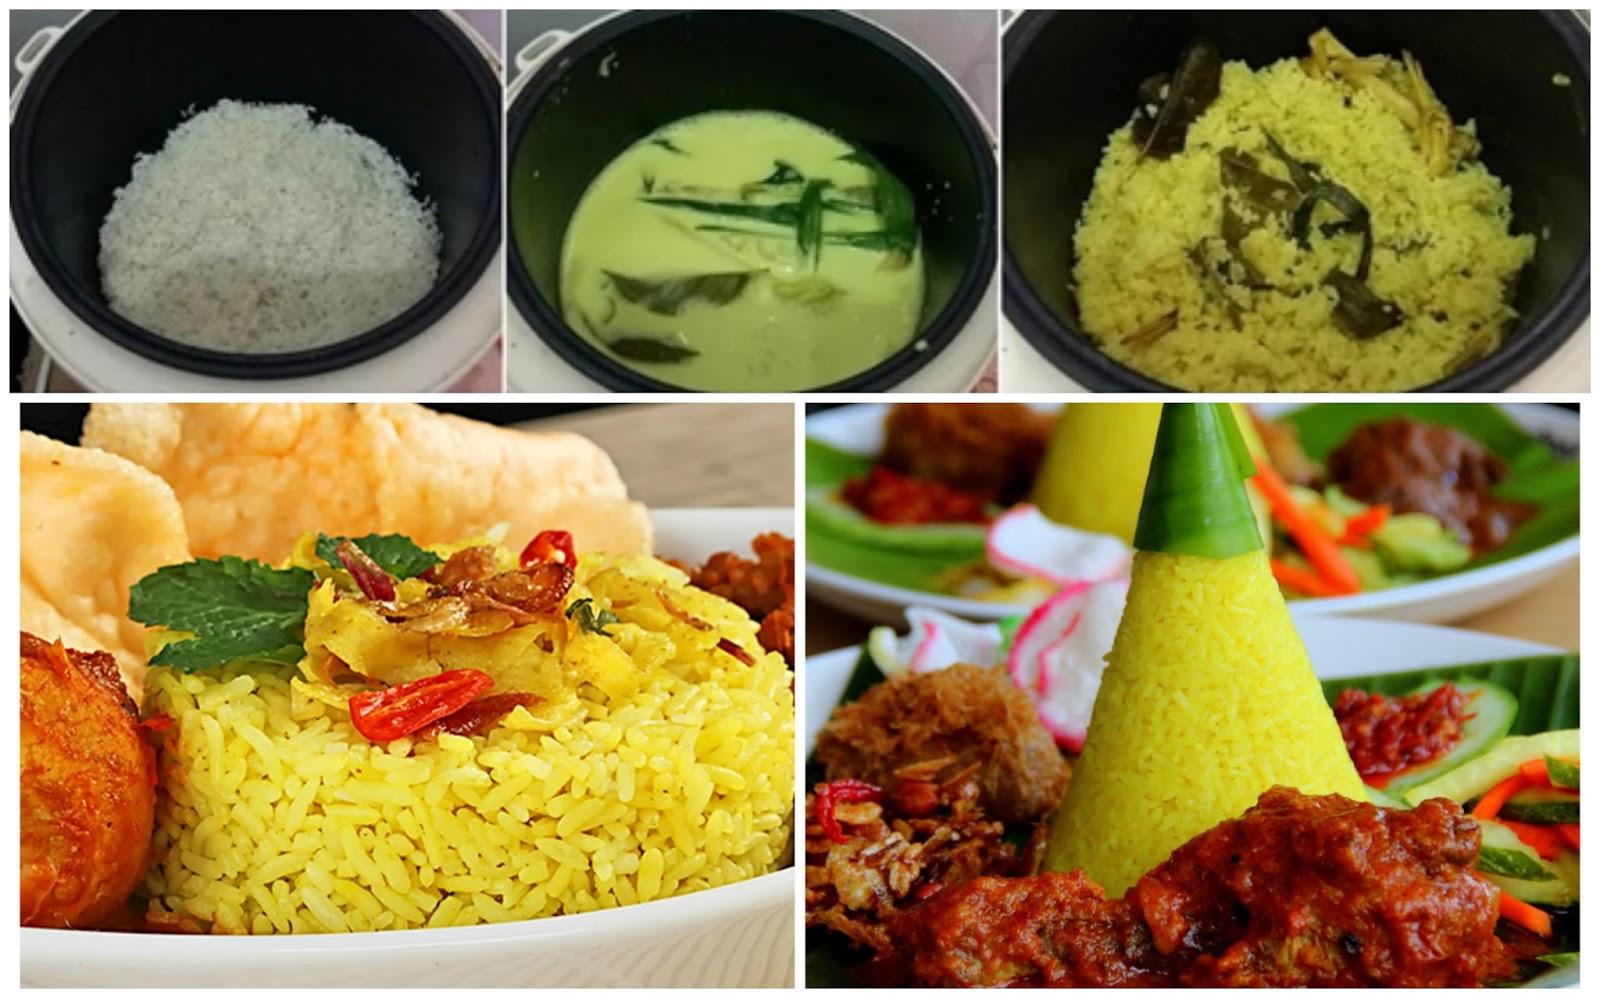 Resep Nasi Kuning Komplit Super Praktis Pakai Rice Cooker | Resep Dapur Praktis